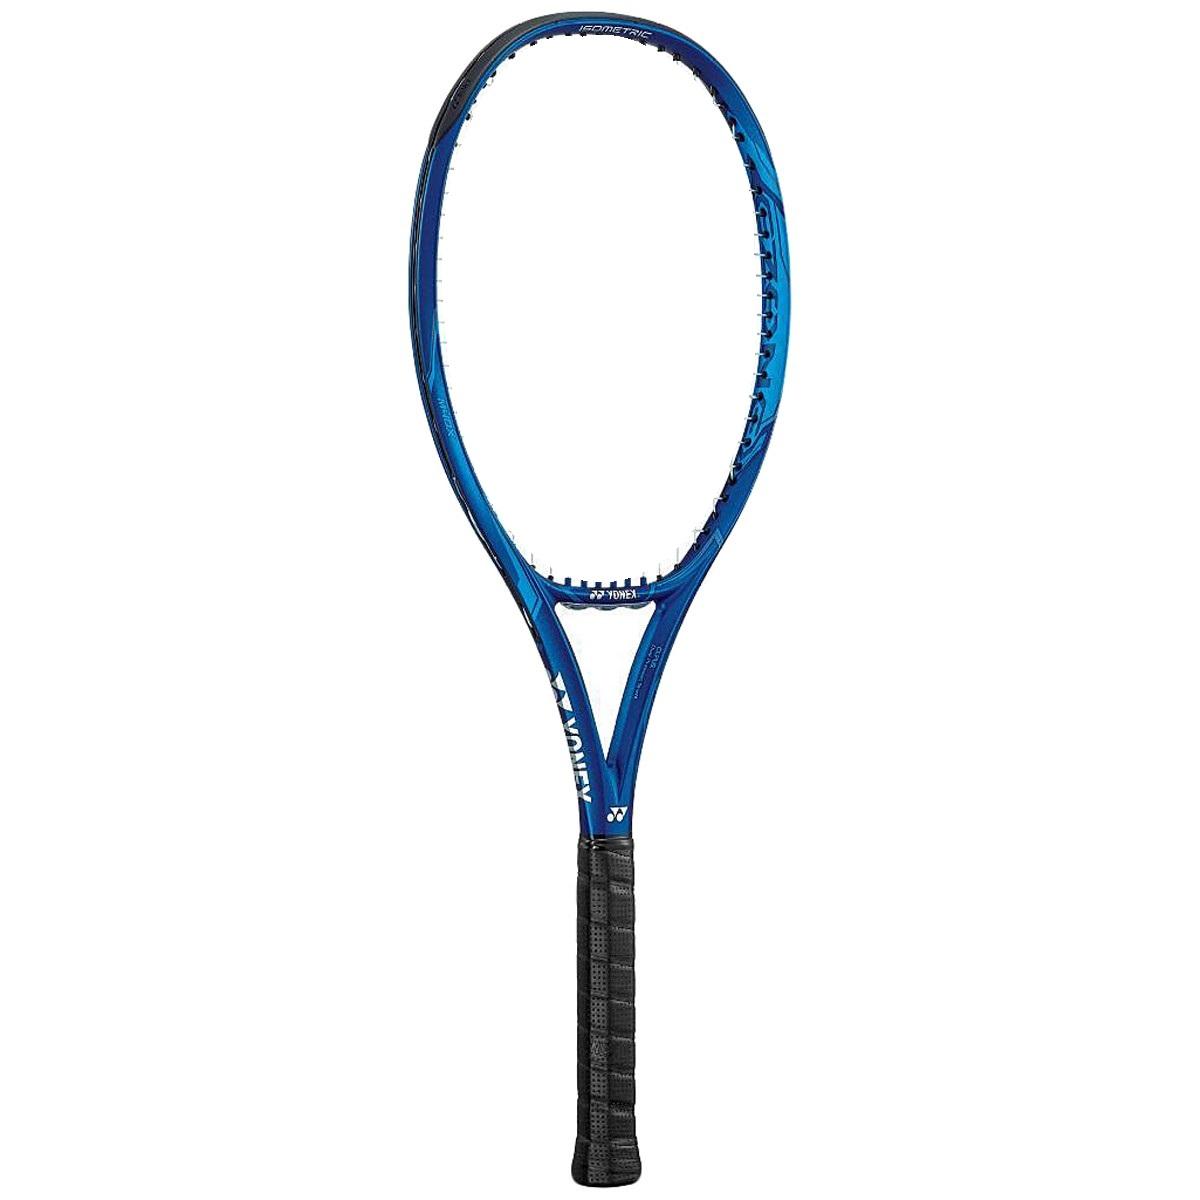 【グリップ5個プレゼント】【2020年Newモデル ヨネックス イーゾーン 100(300g) テニスラケット